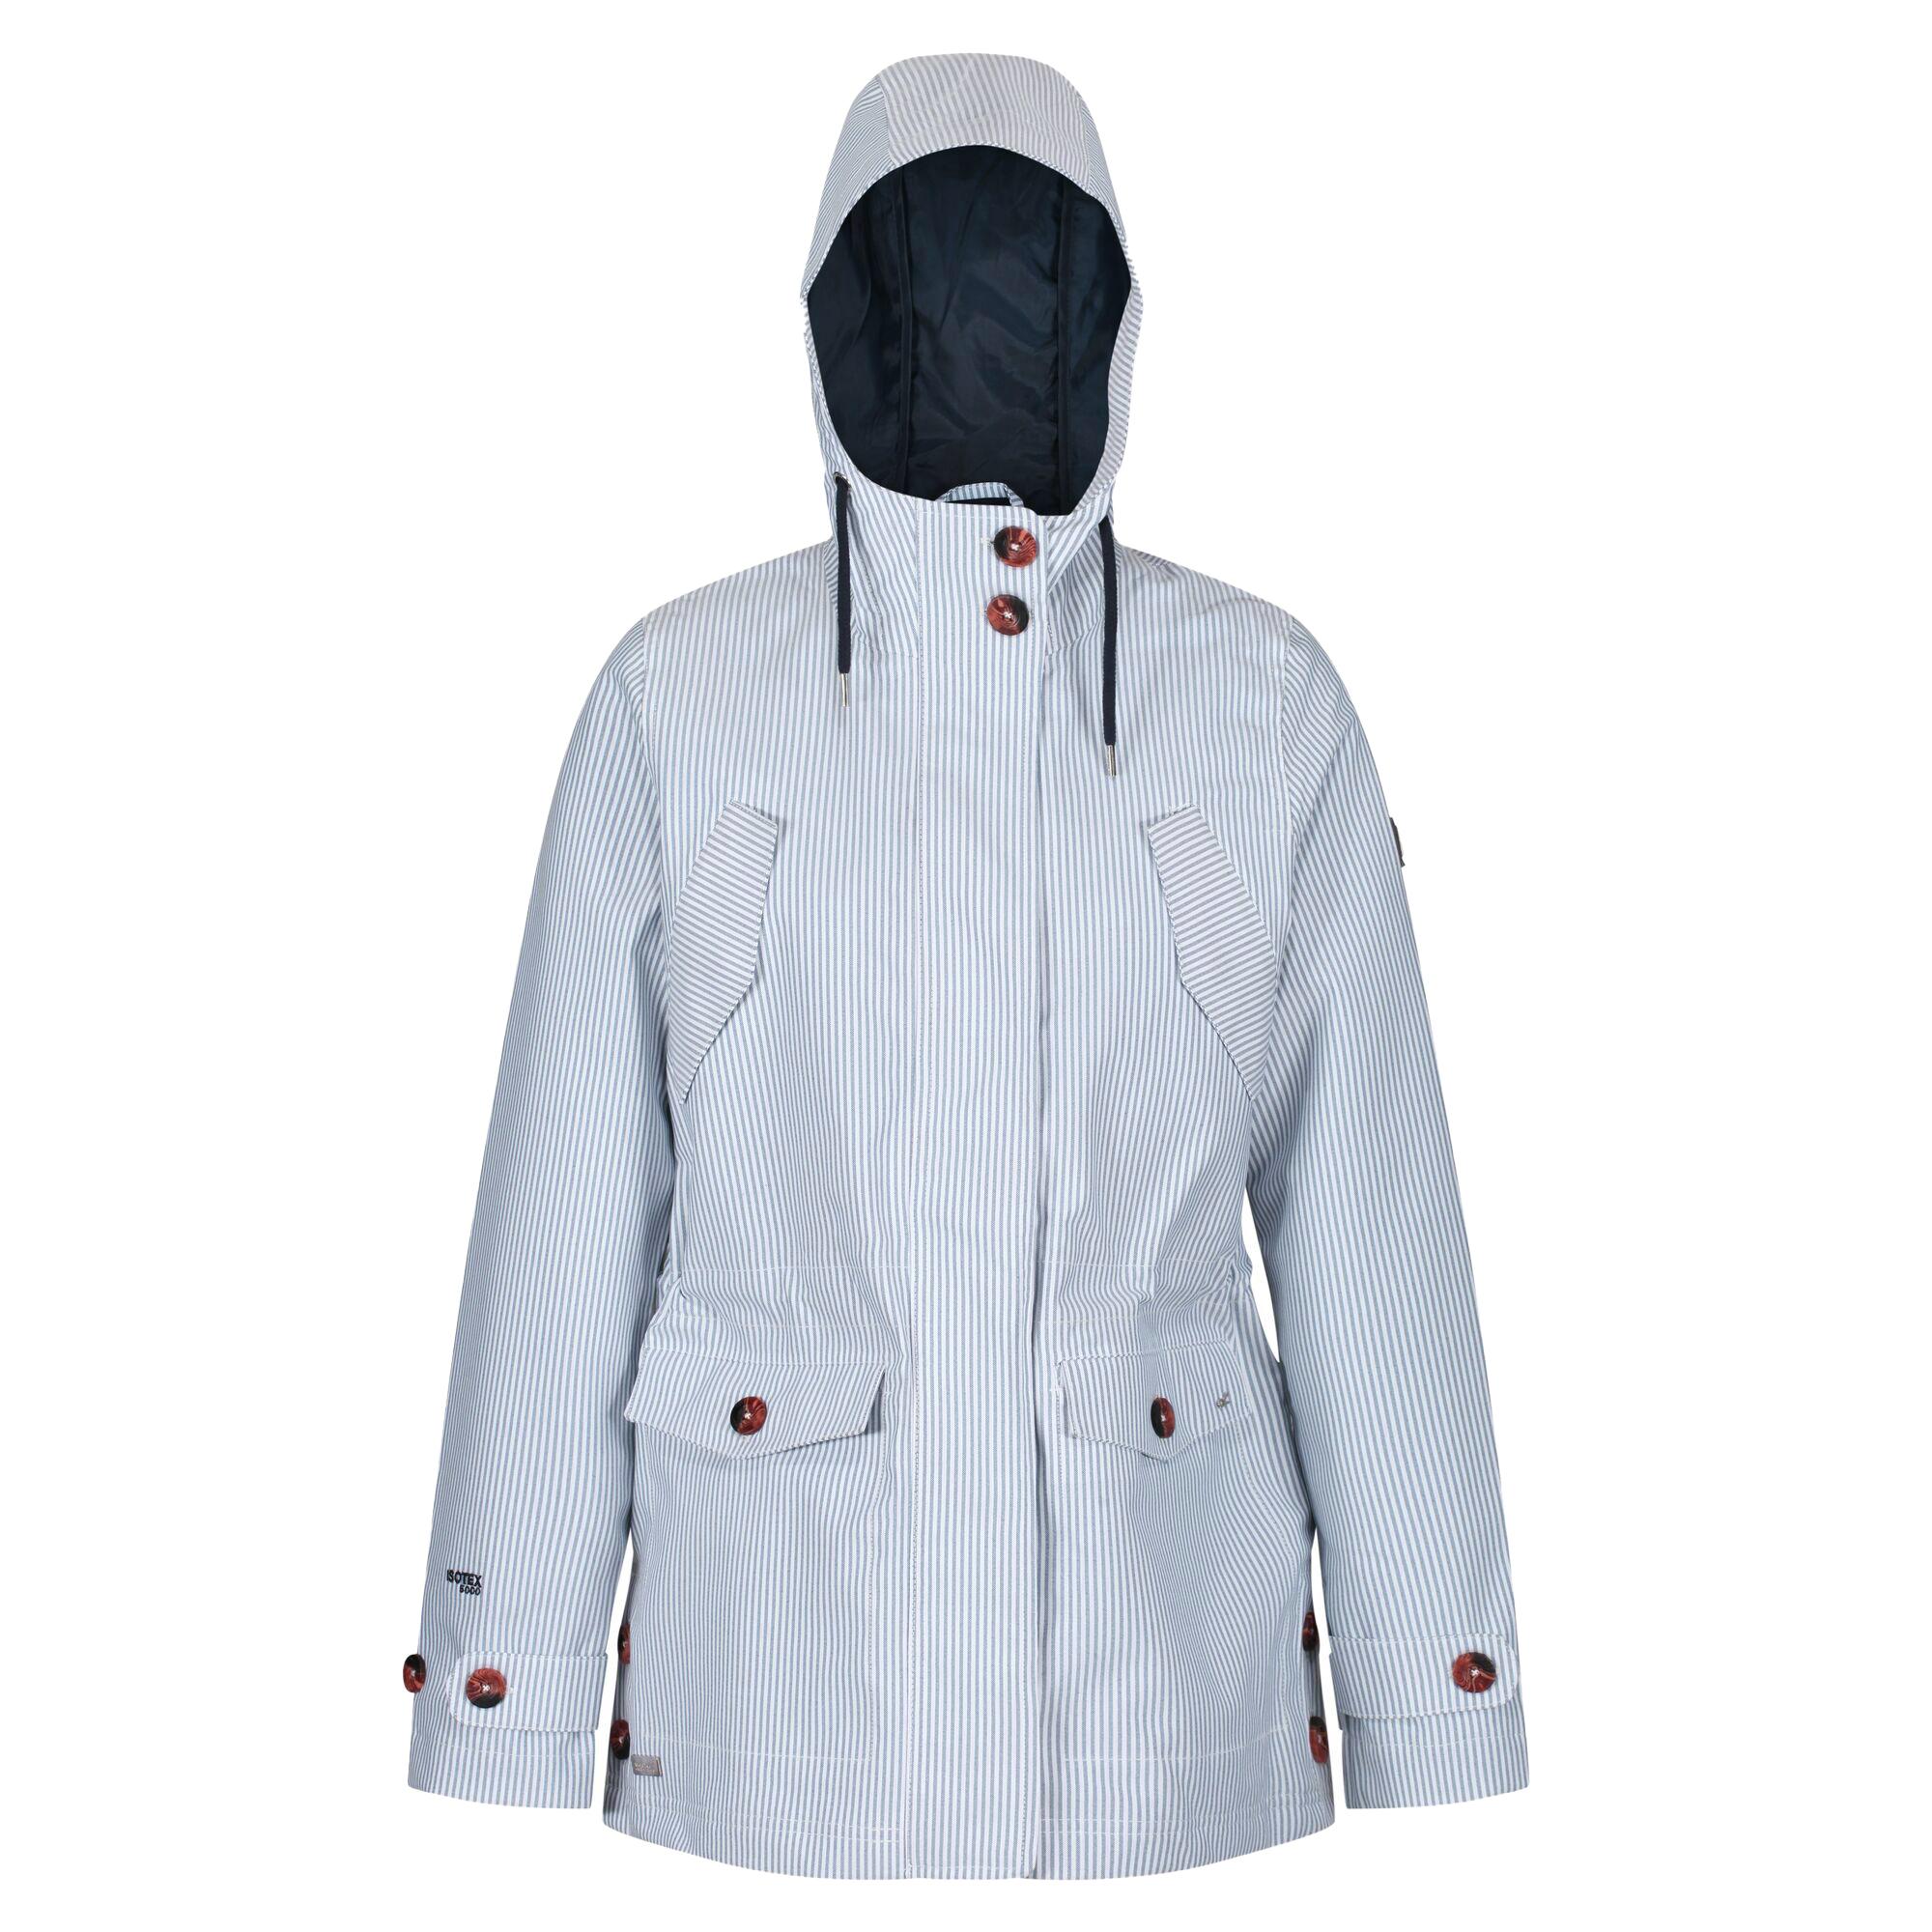 Regatta Womens//Ladies Ninette Waterproof Jacket RG4930